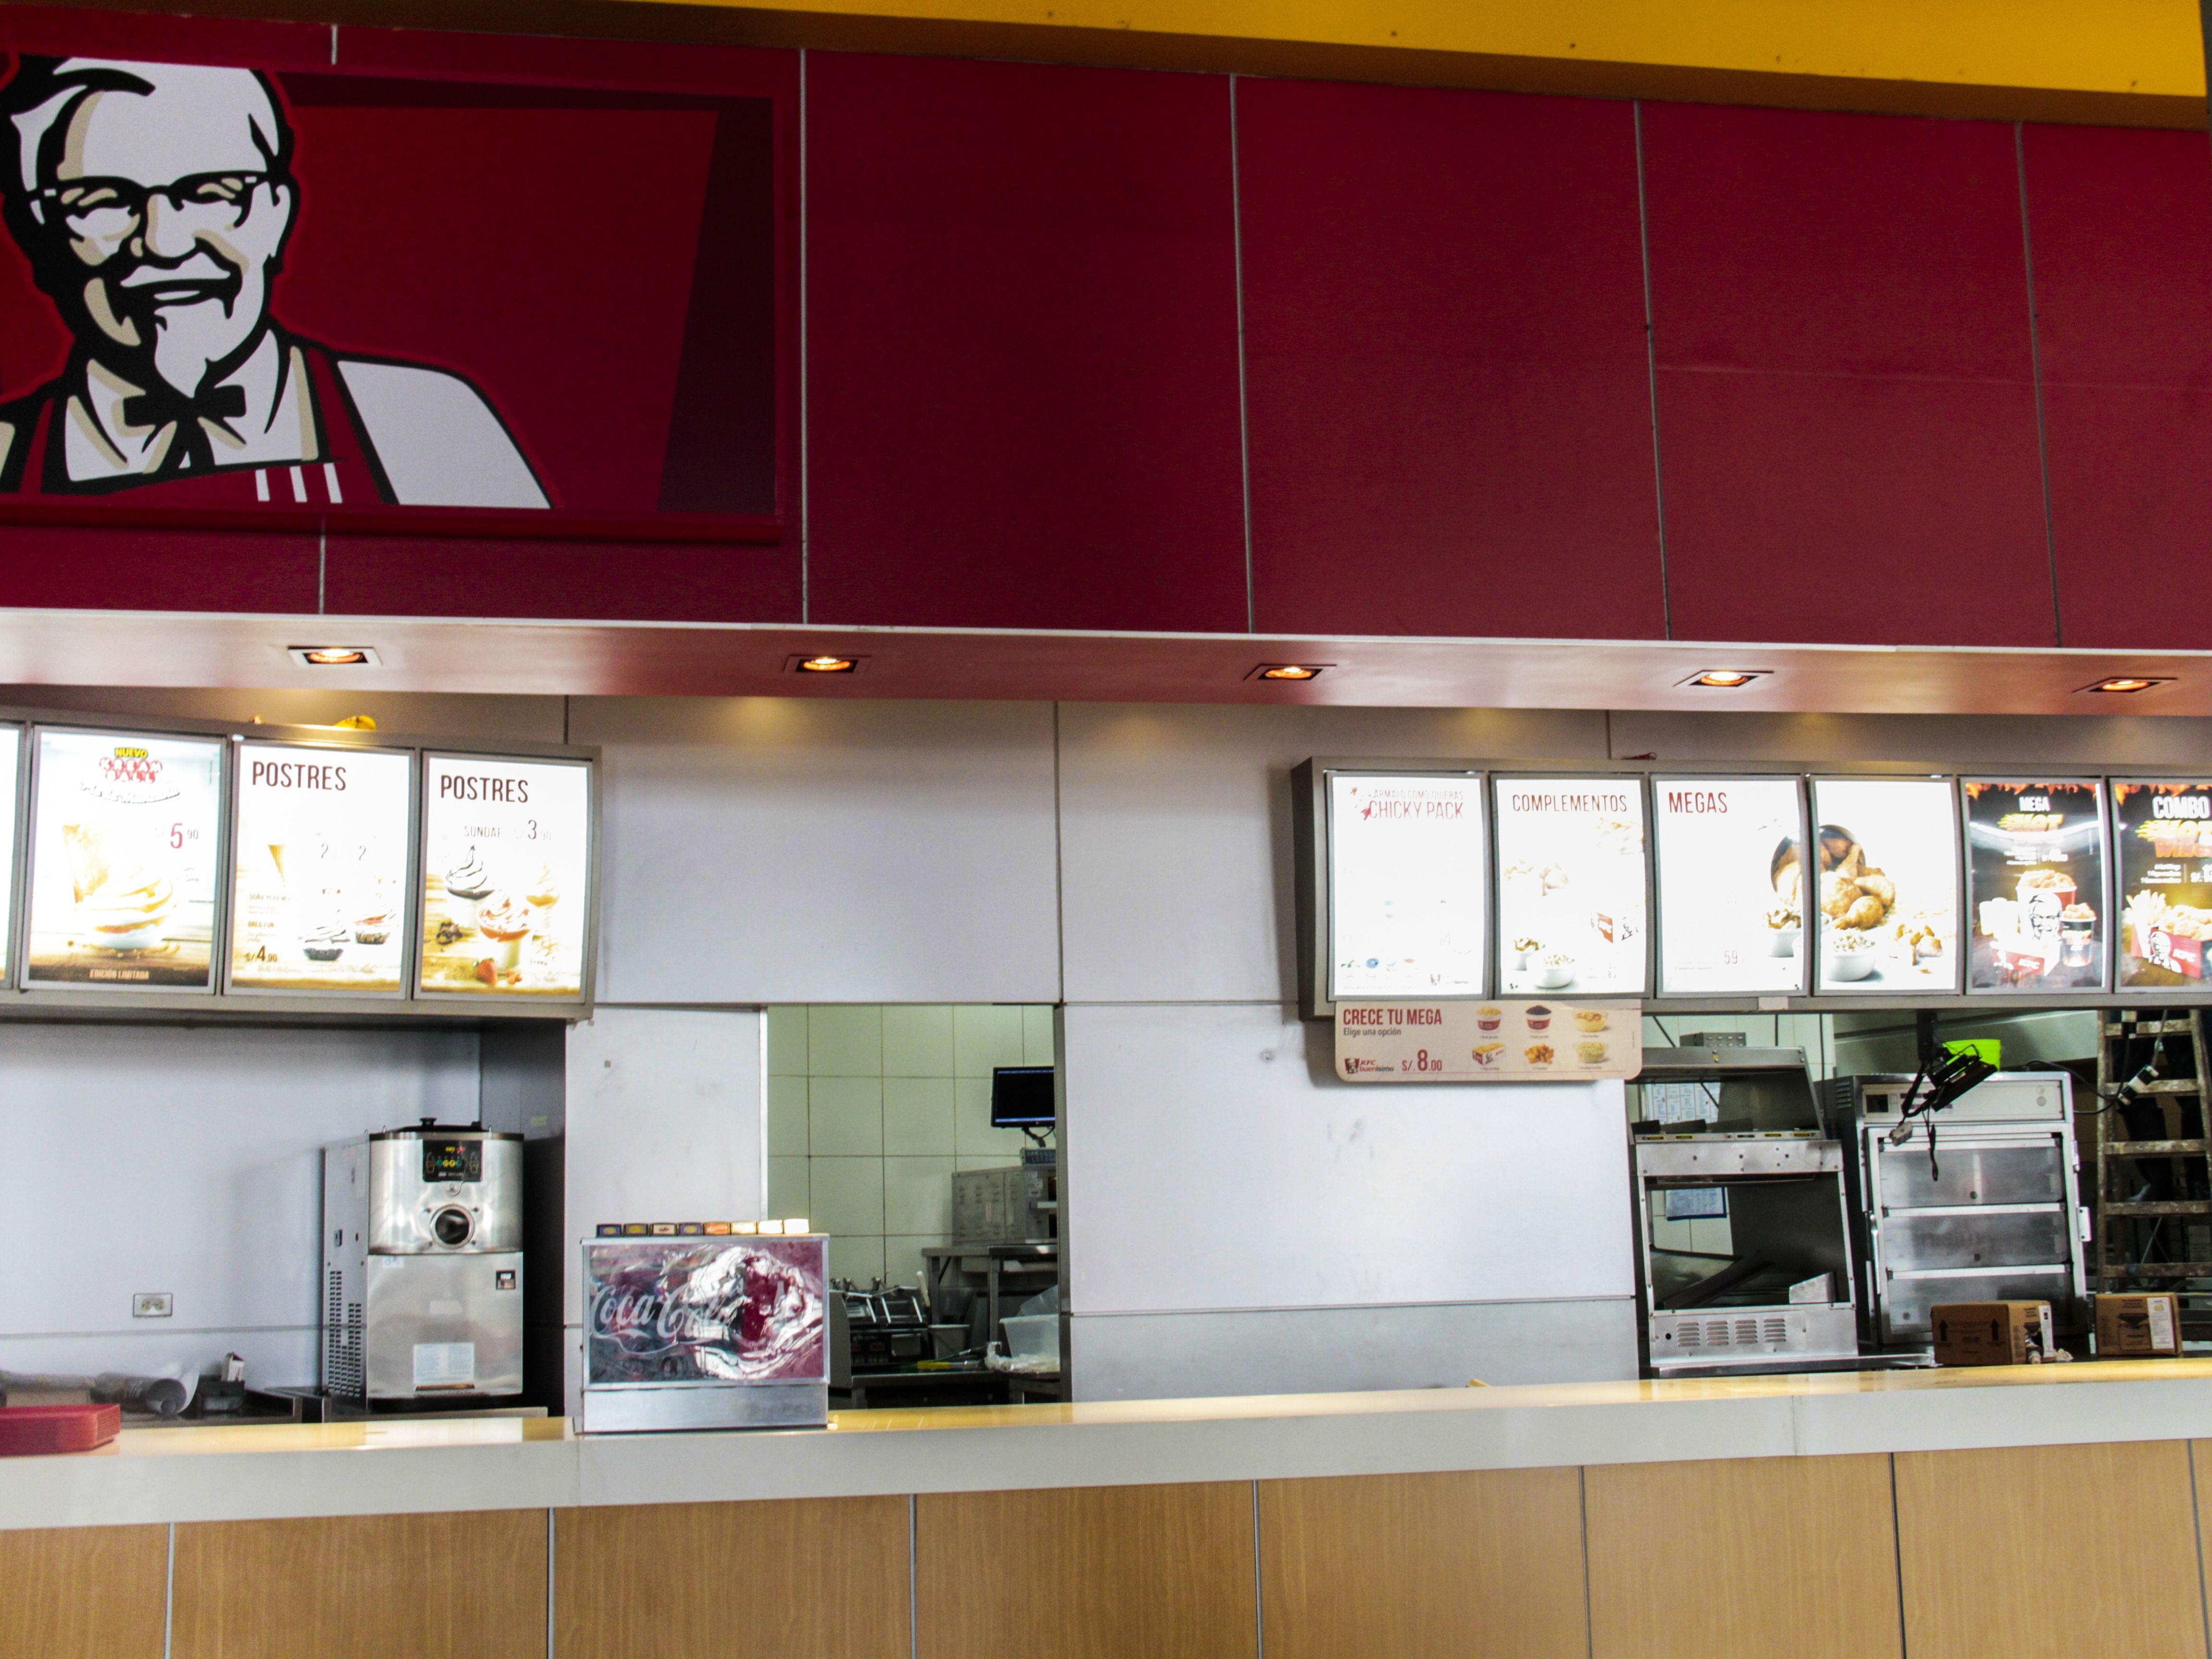 KFC Patio de Comidas - Plaza Norte